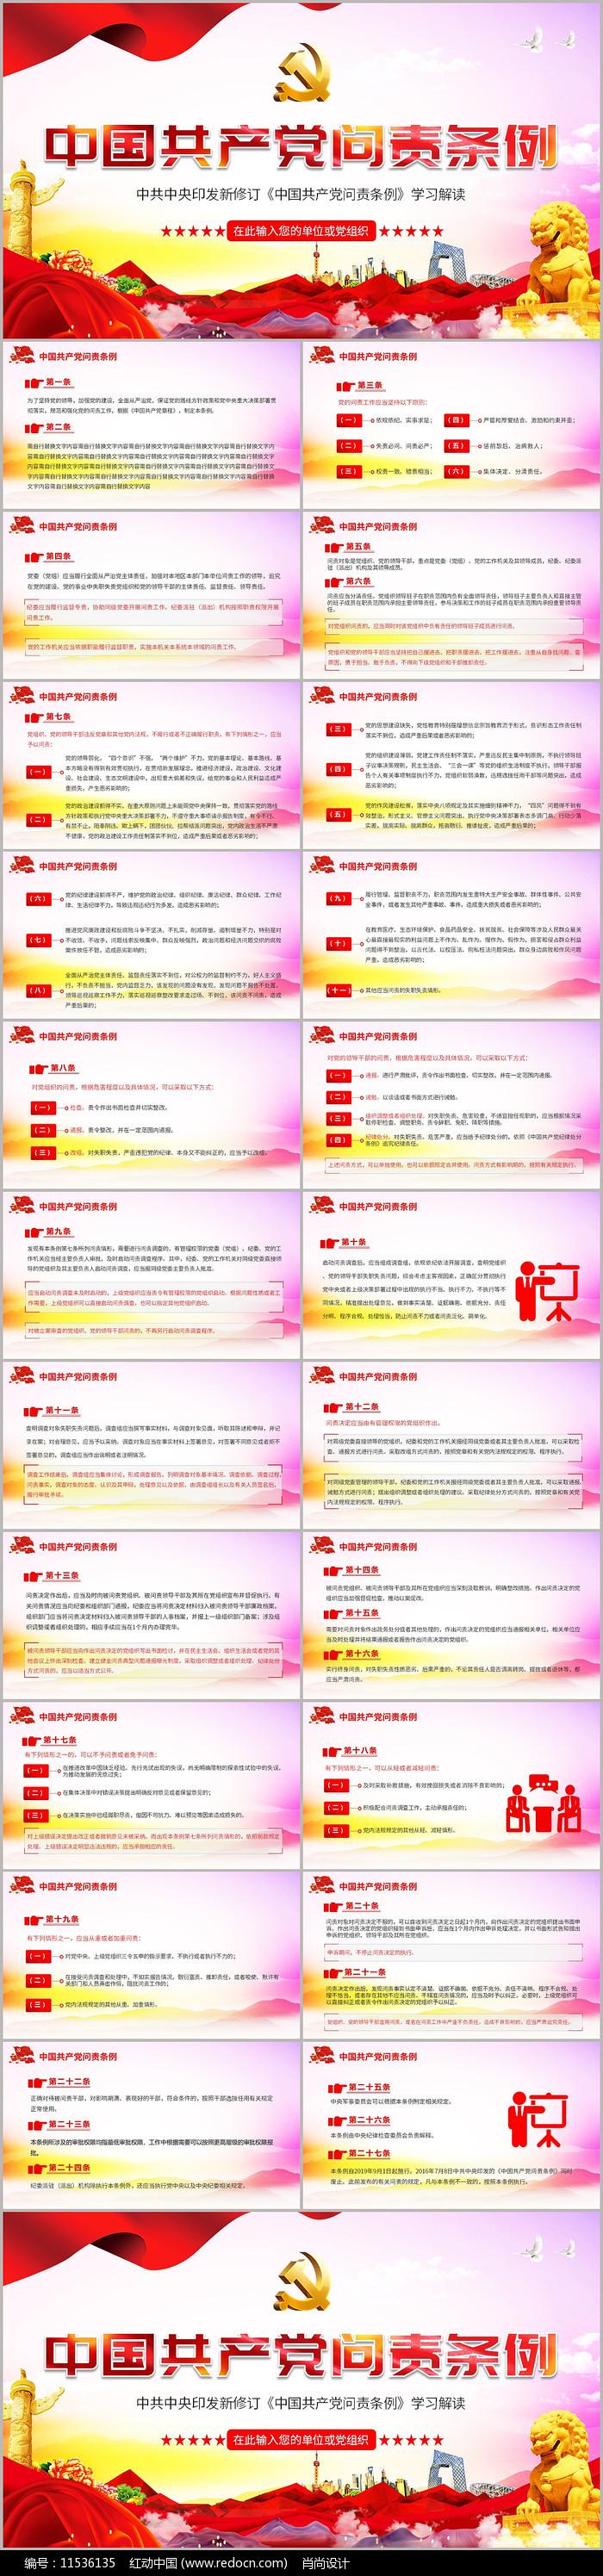 中国共产党问责条例PPT 图片